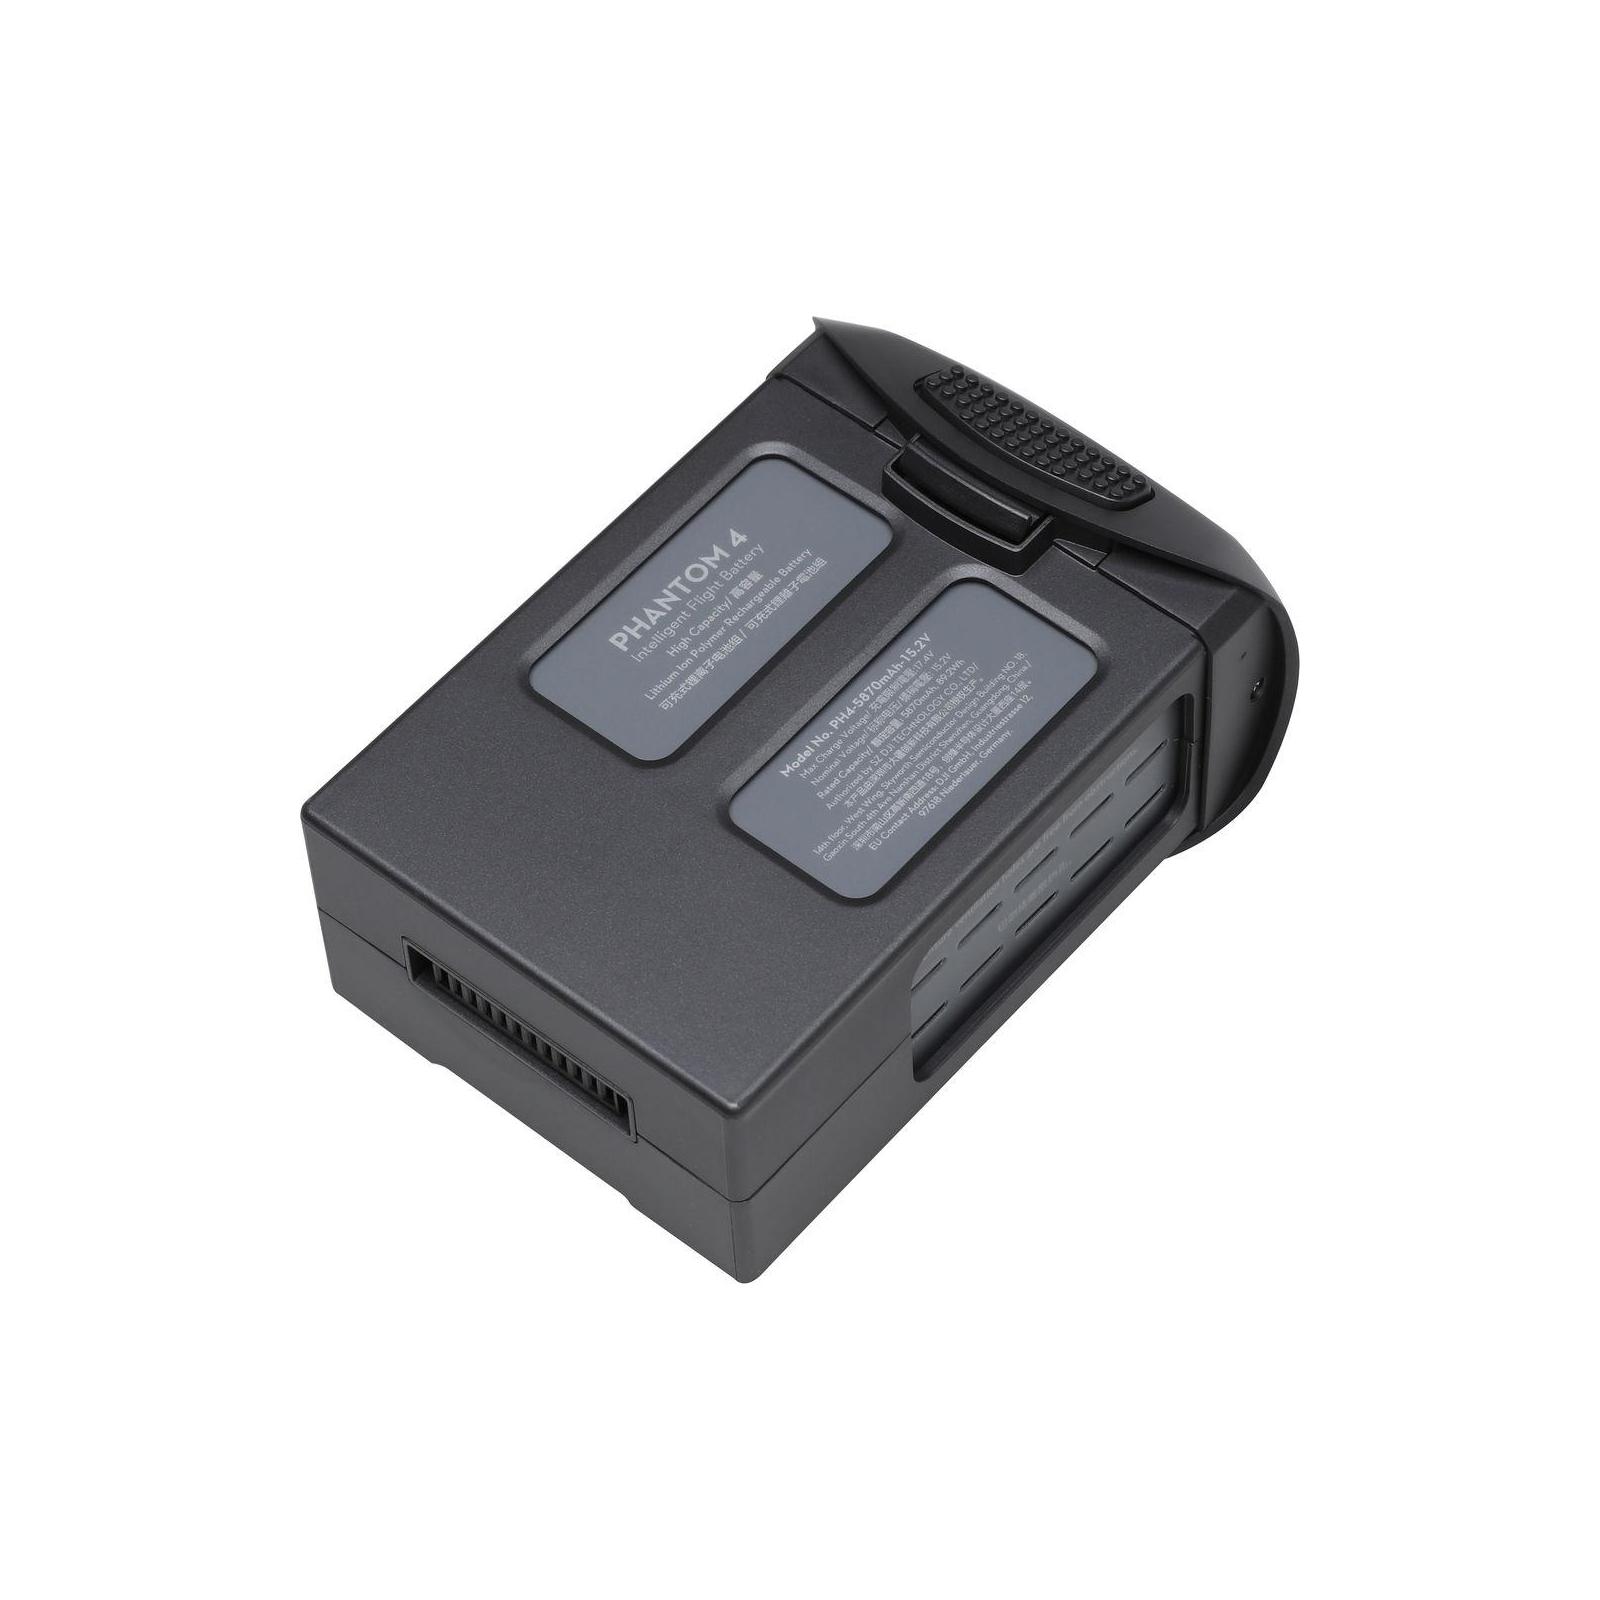 Аккумулятор для дрона DJI Phamtom 4 5870mAh (CP.PT.00000033.01) изображение 5